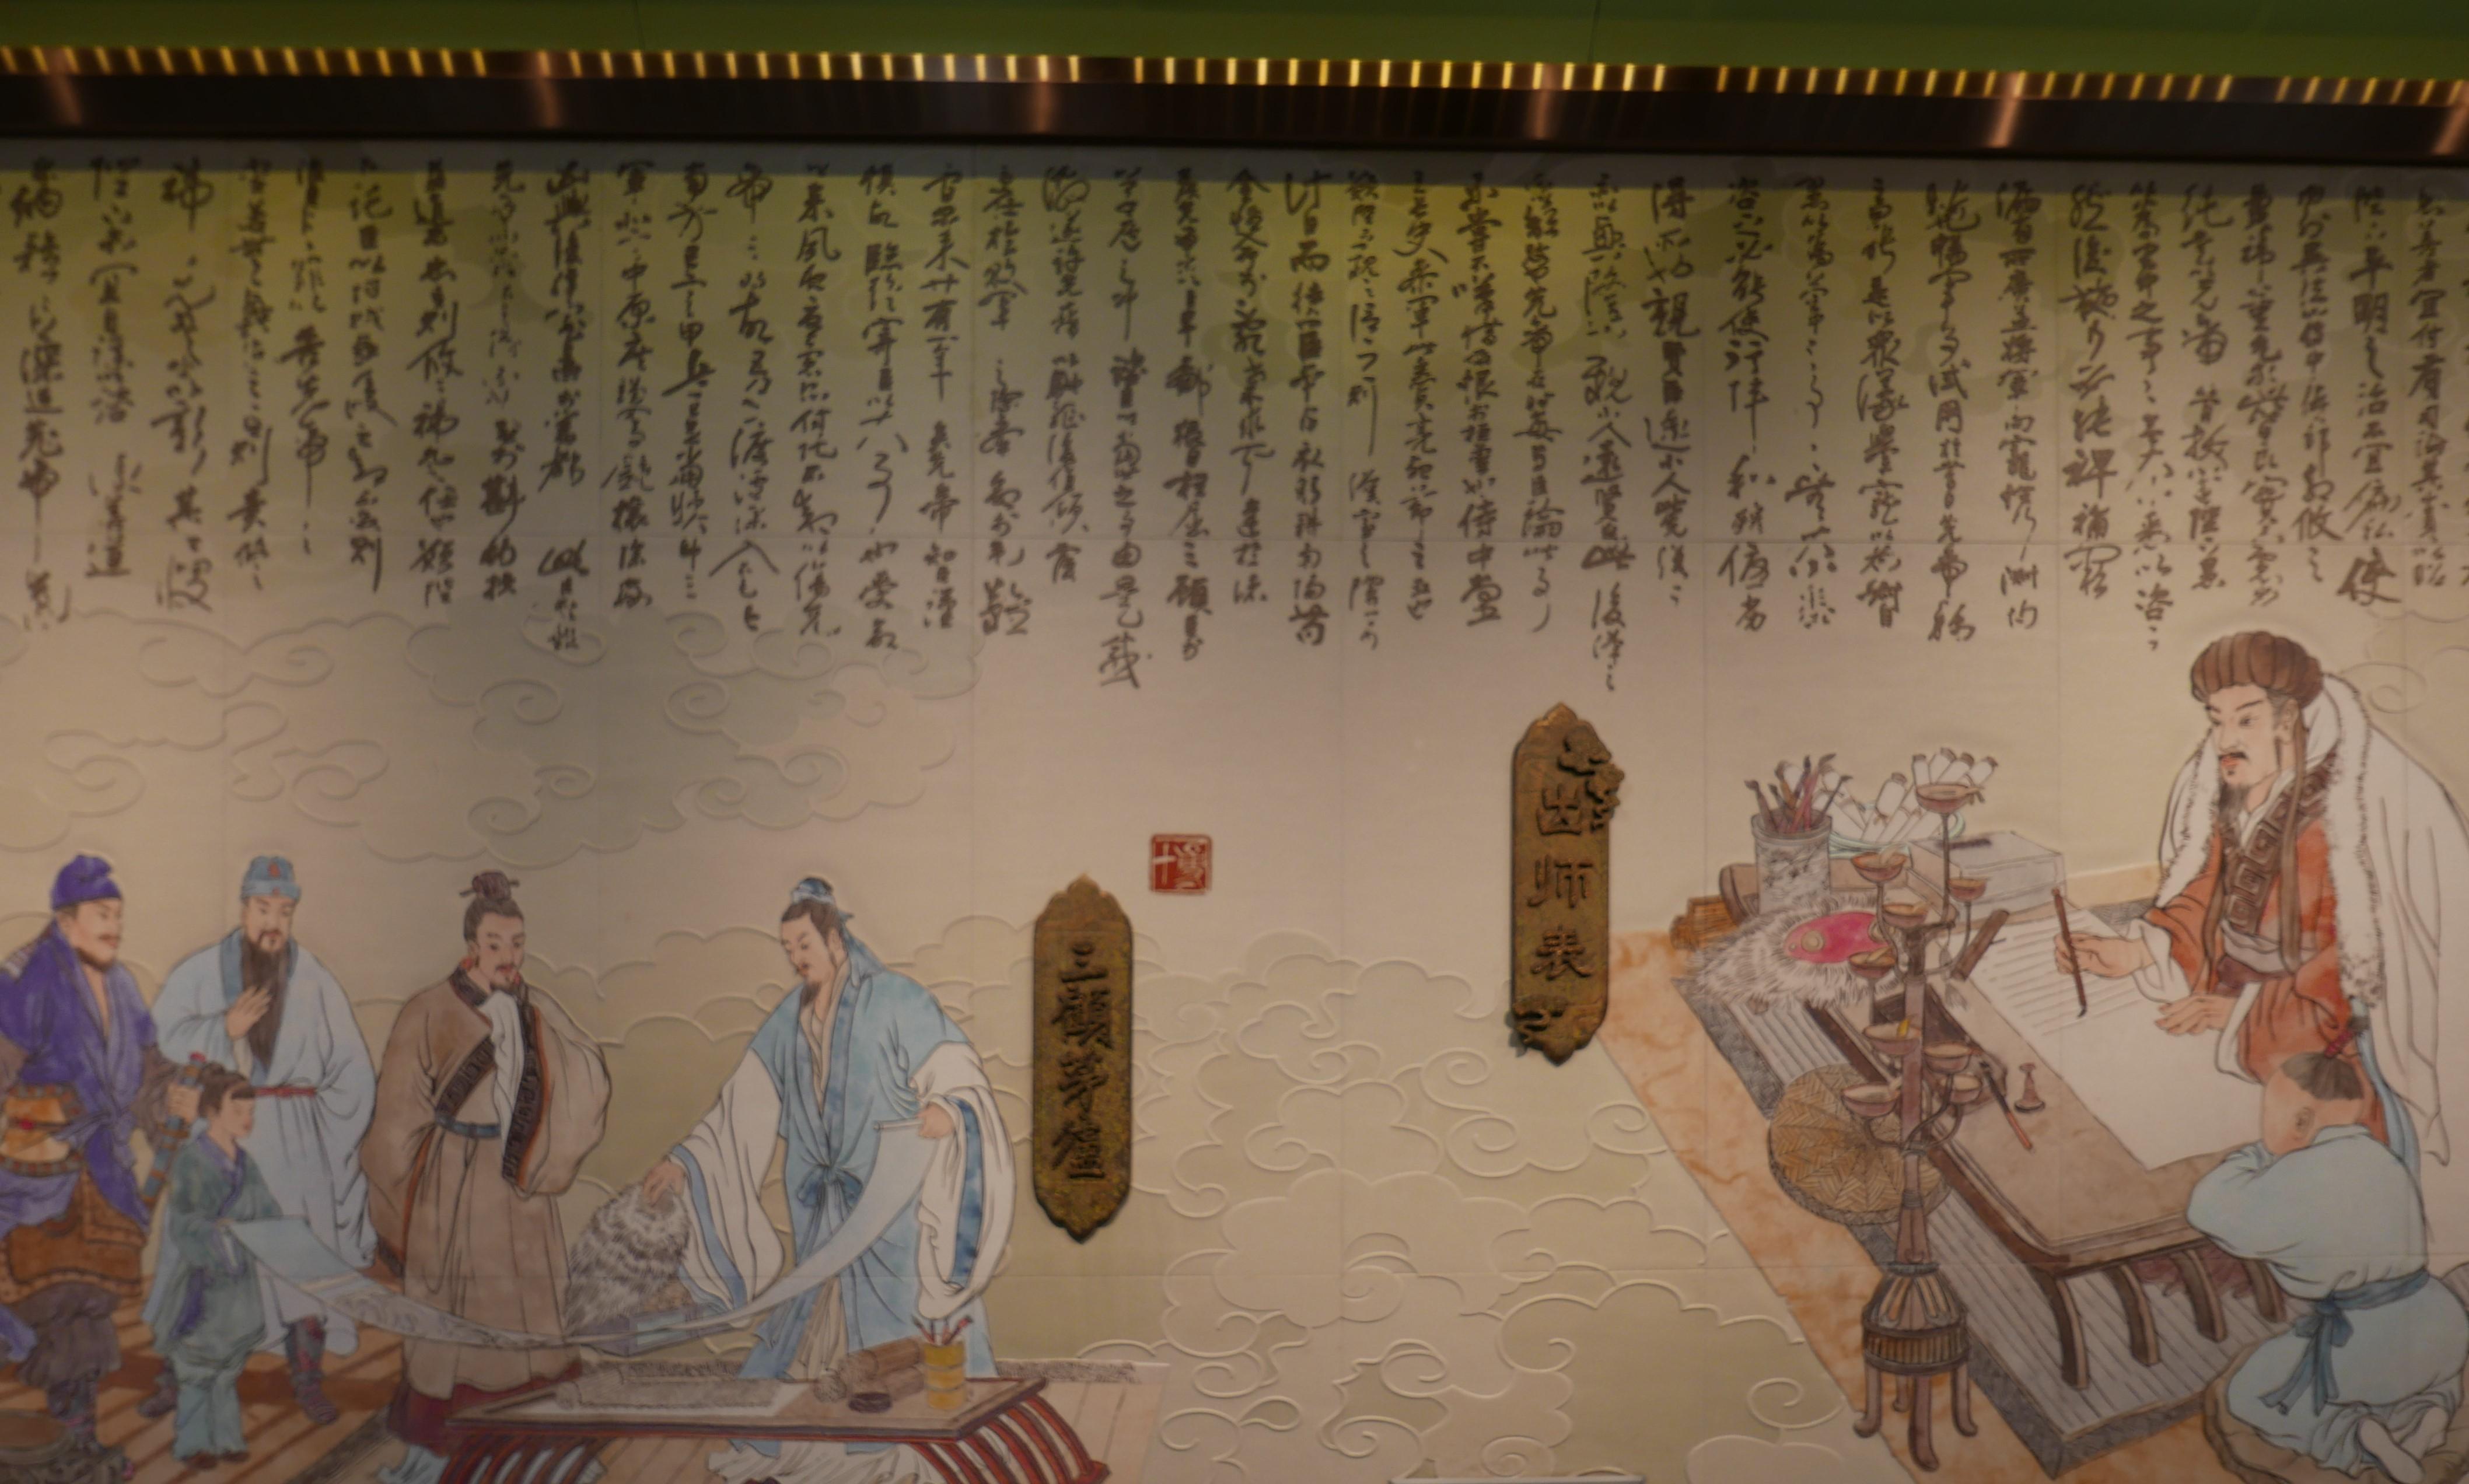 1화 - 삼국지의 성지, 성도를 가다 - 청두(成都)